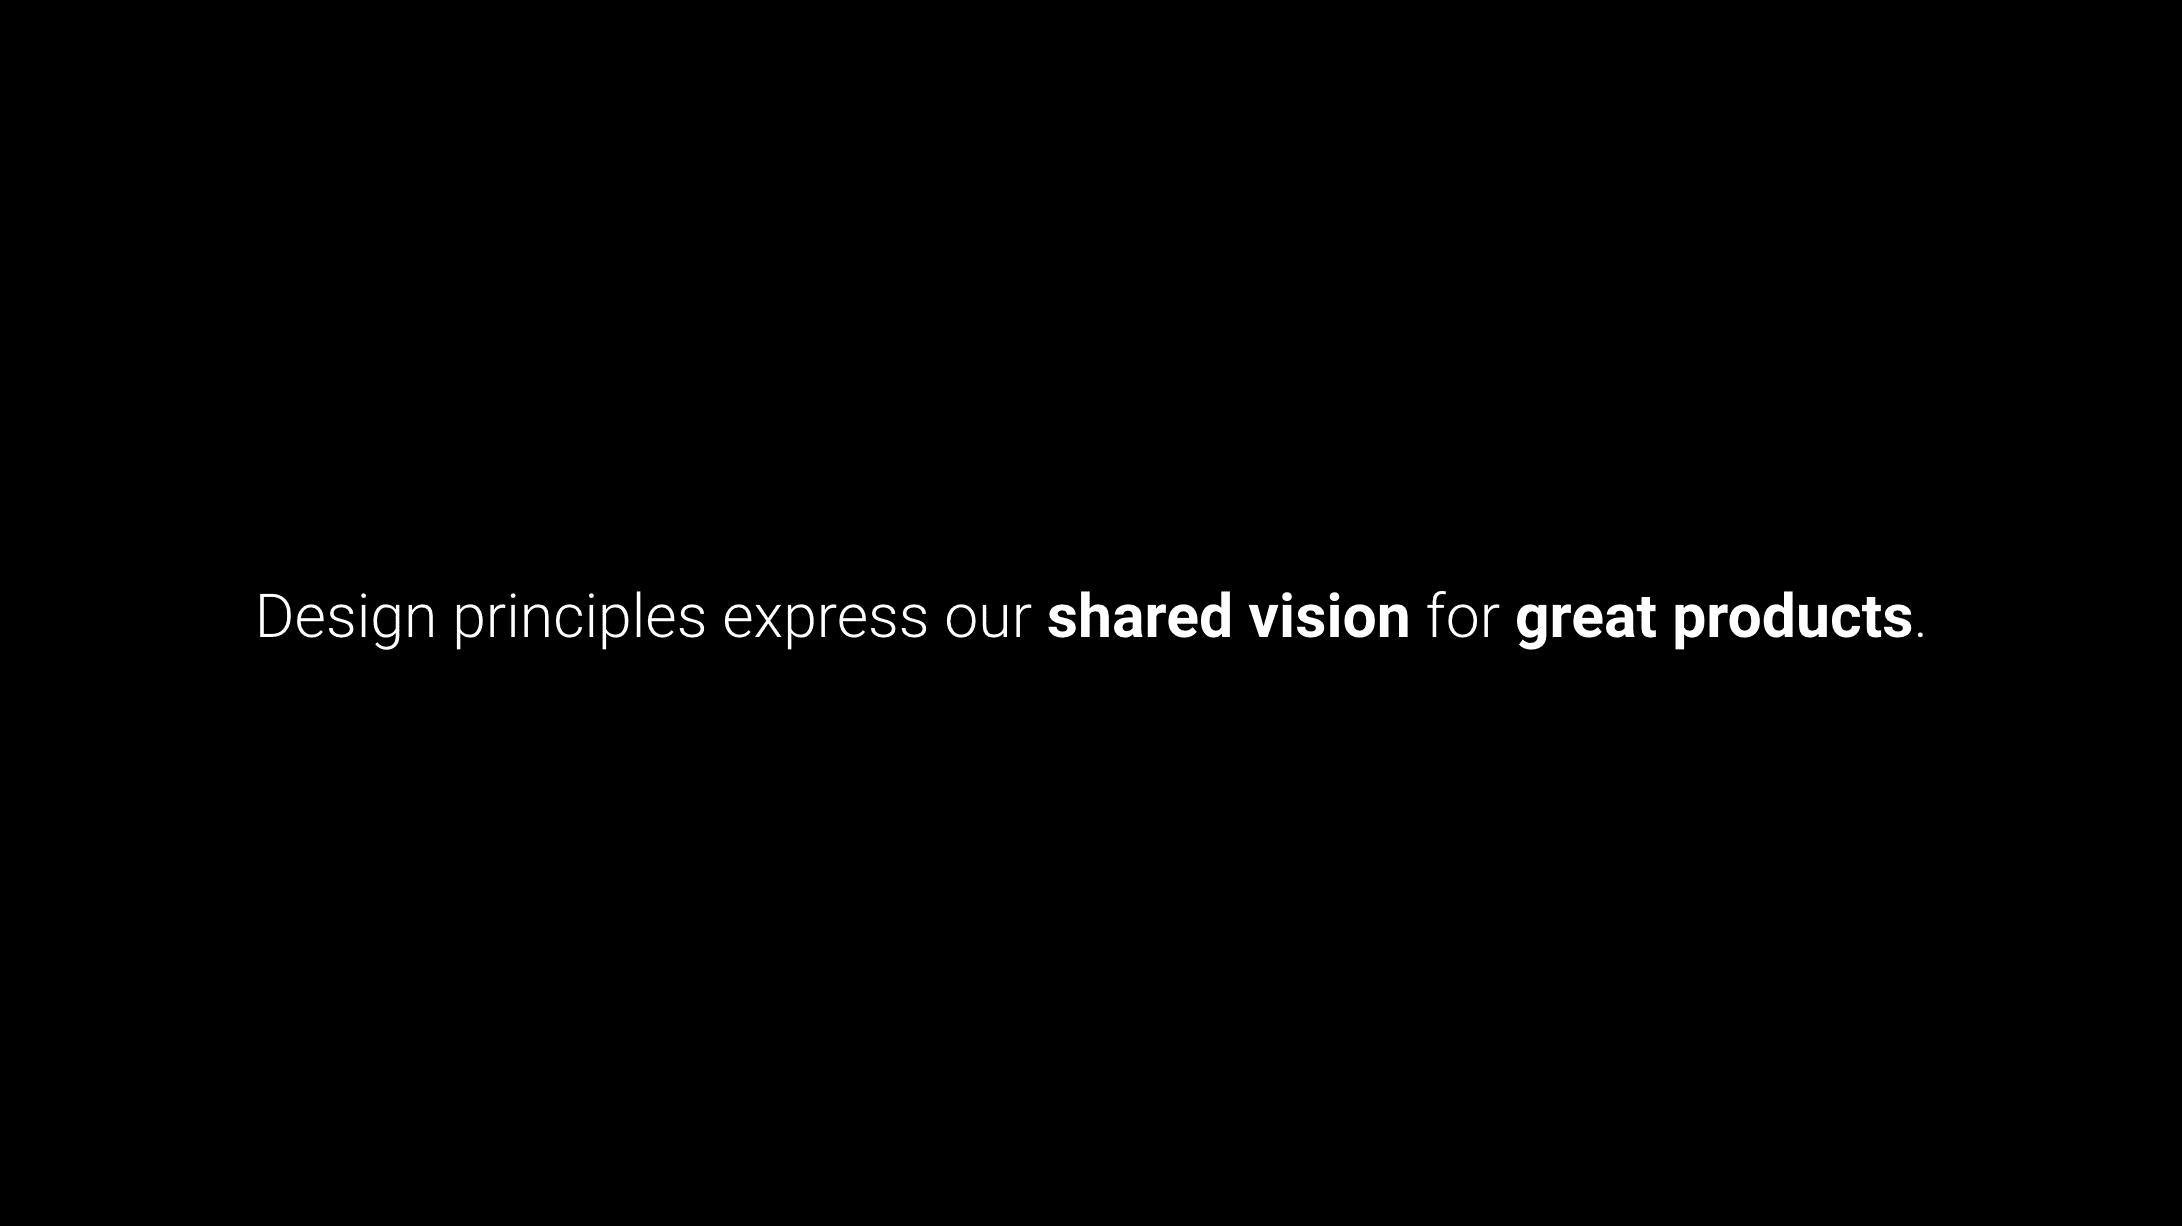 My design principles workshop slides